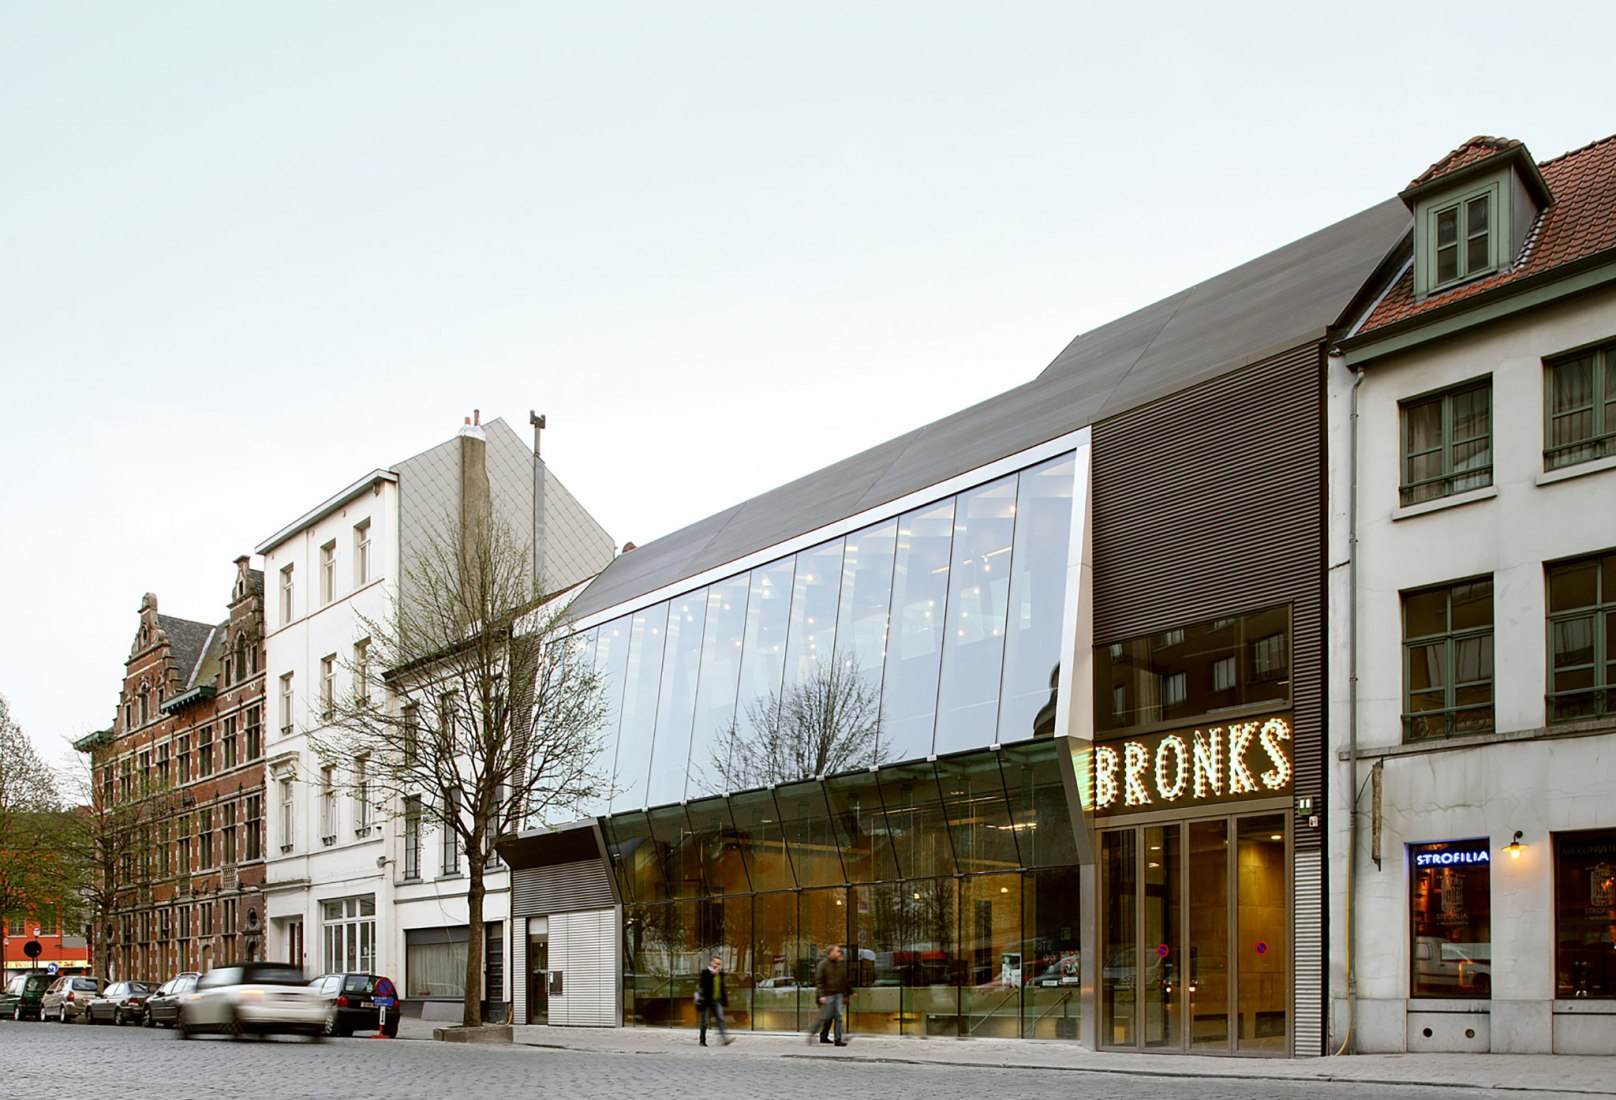 Teatro Bronks, Bruselas, Bélgica MDMA – Martine De Maeseneer Architecten / Martine De Maeseneer, Dirk Van den Brande